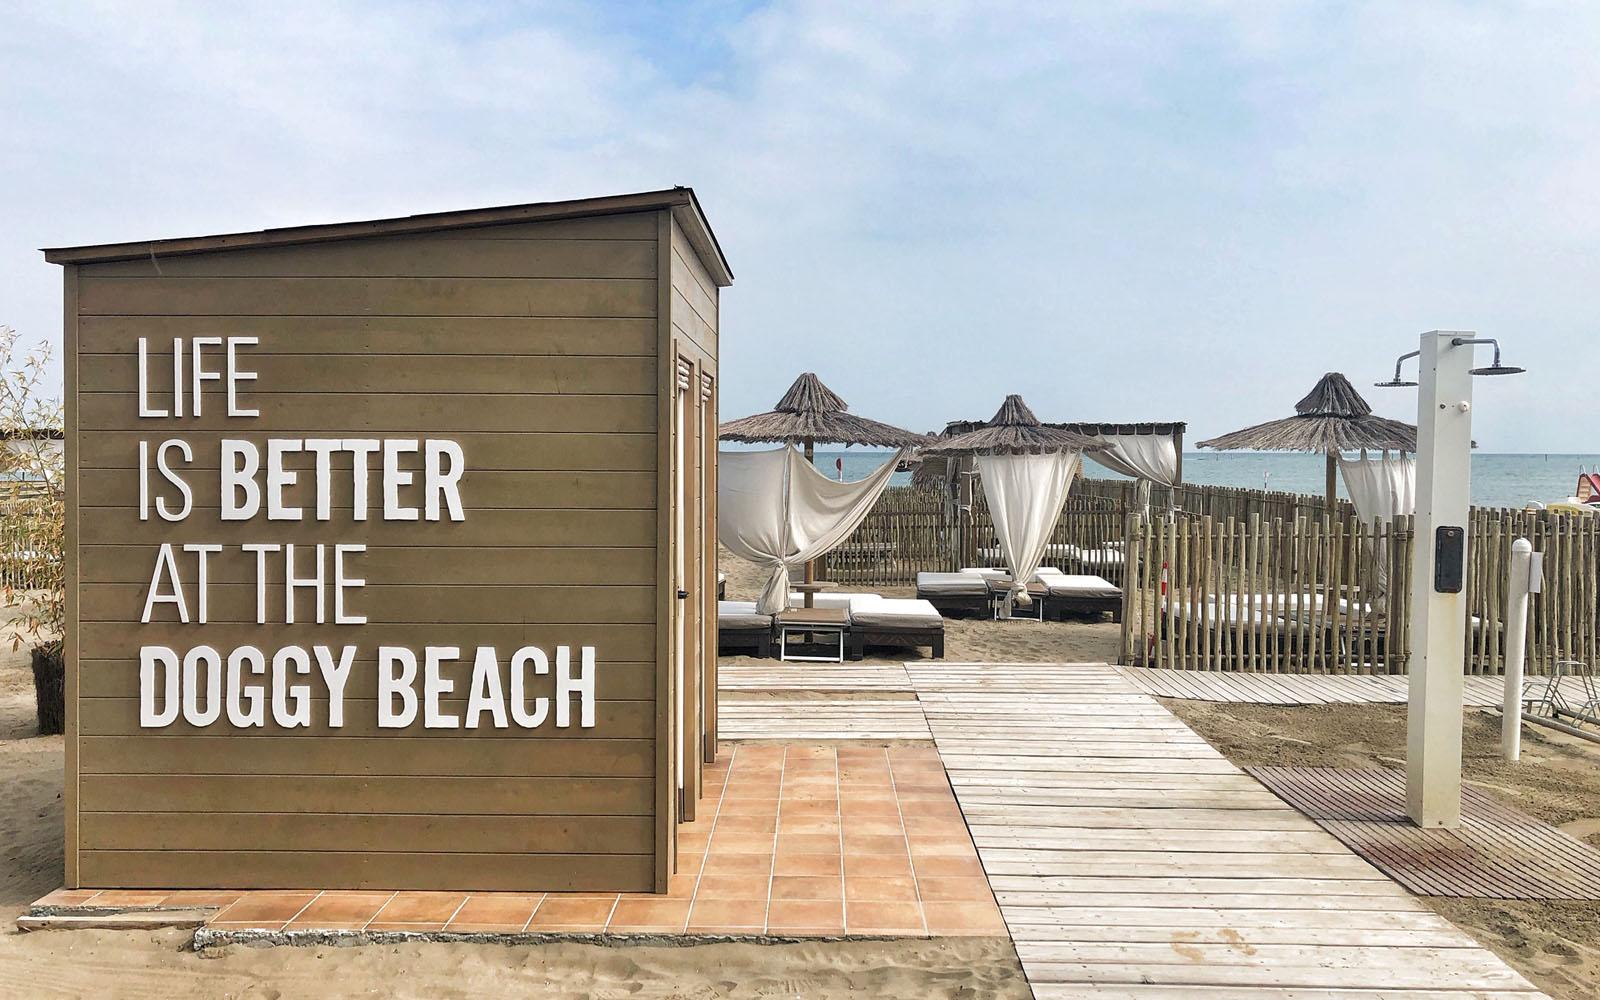 Una delle spiagge dog-friendly di Lignano Sabbiadoro.